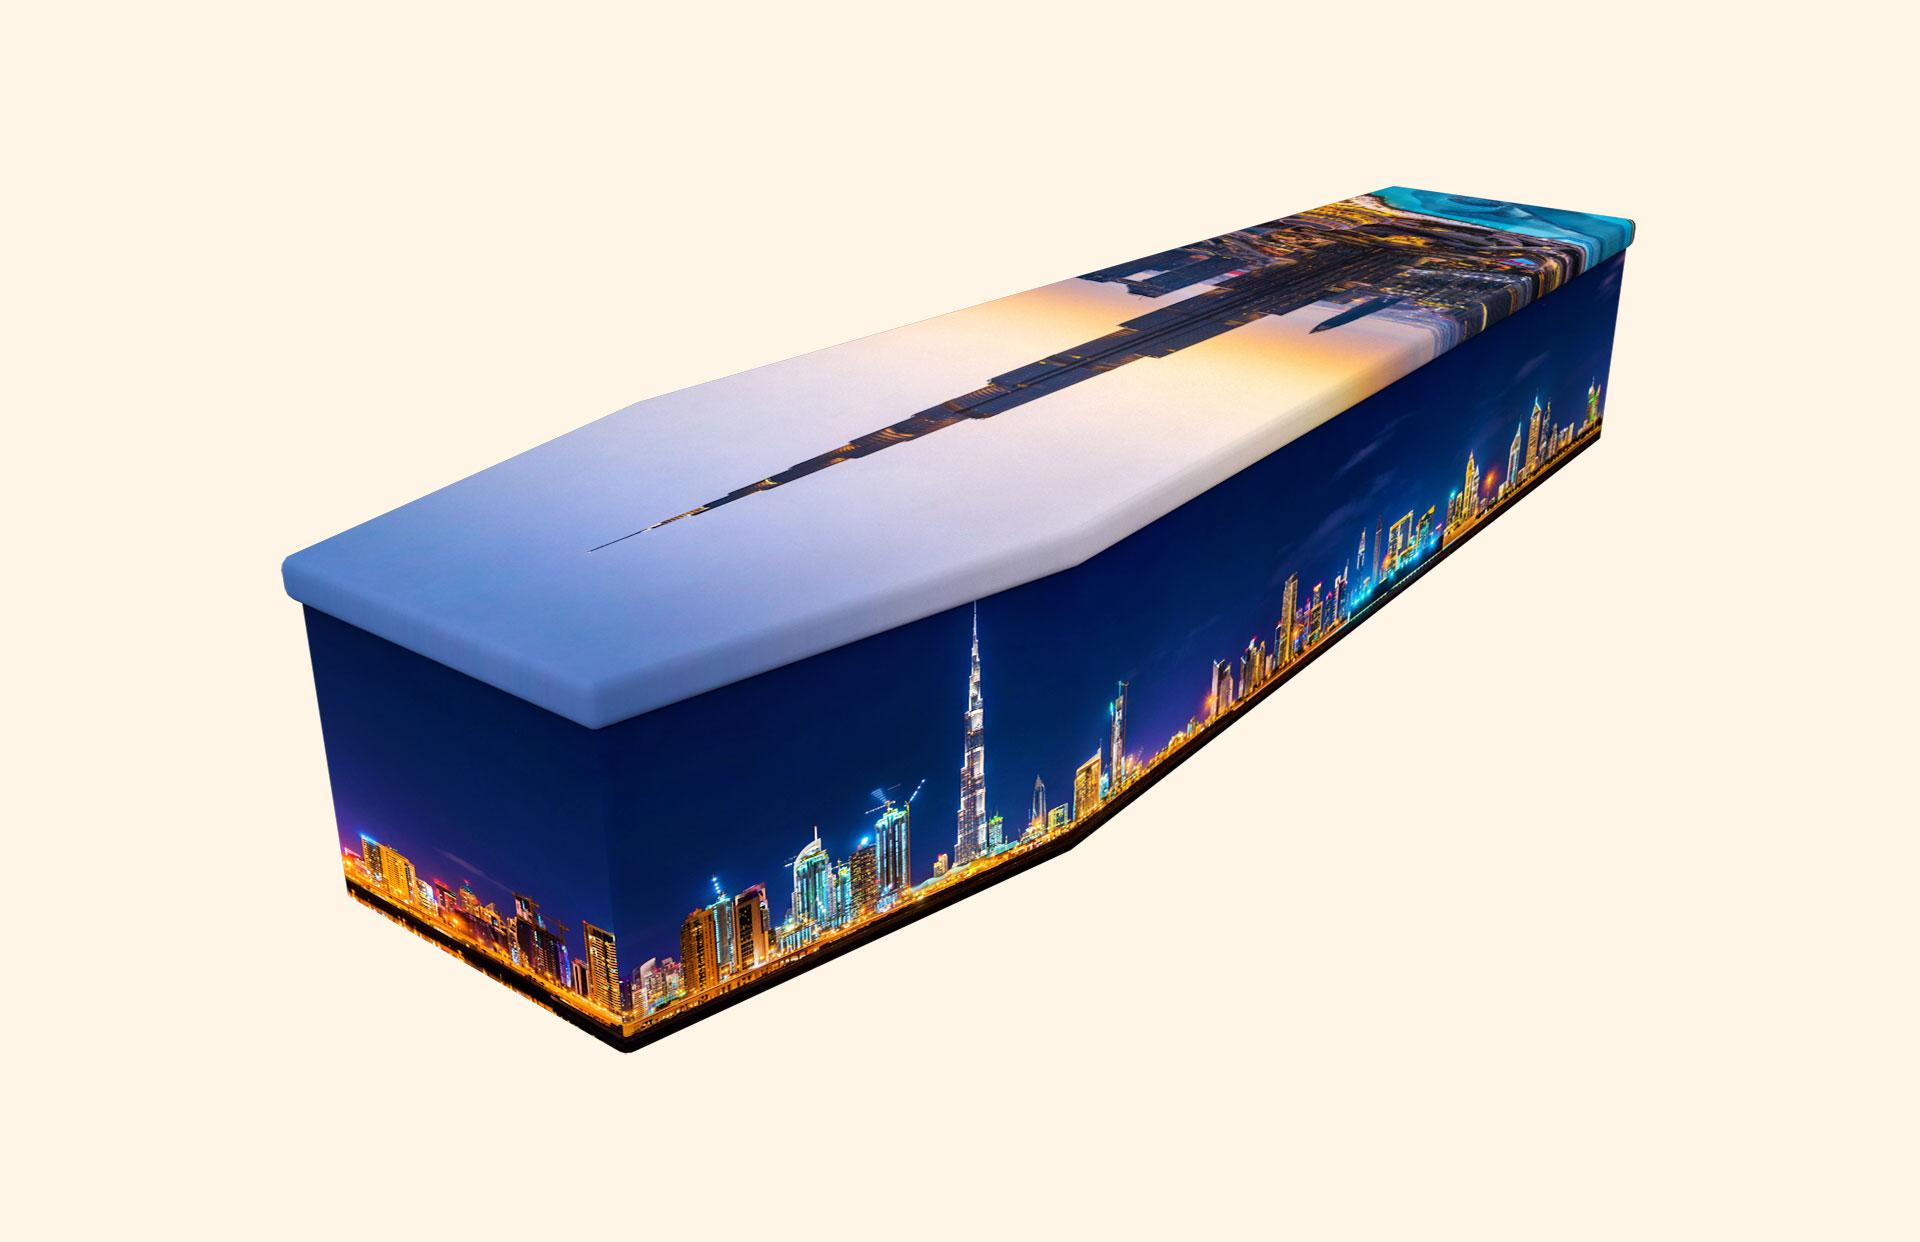 Burj Kahlifa cardboard coffin